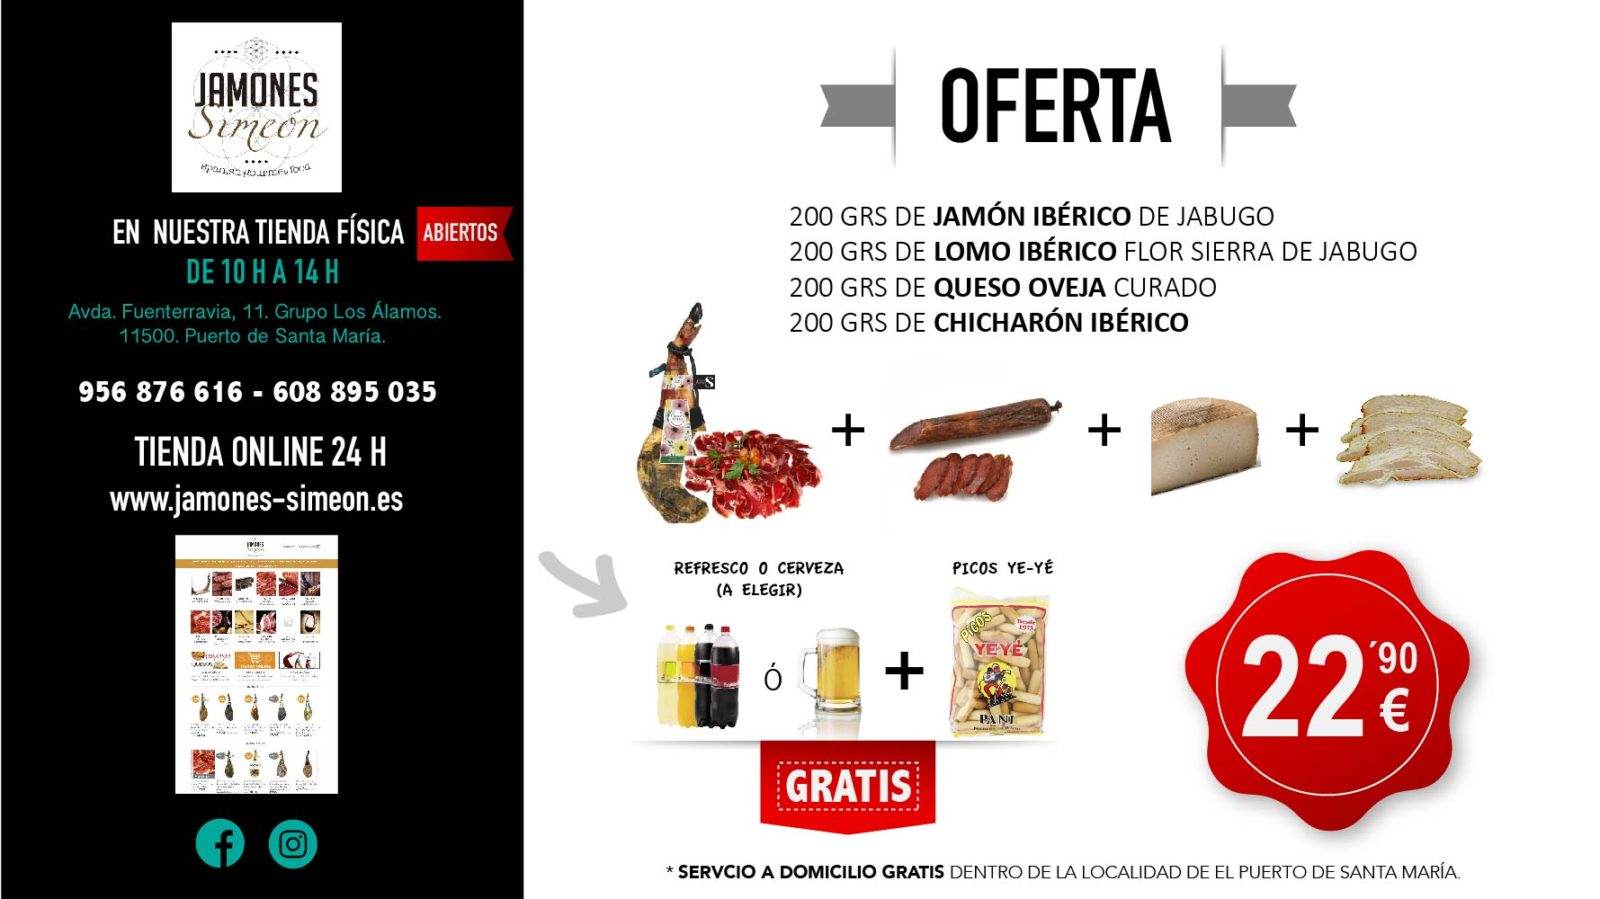 OFERTA DE JAMON IBERICO QUESO CHICHARRONES Y LOMO